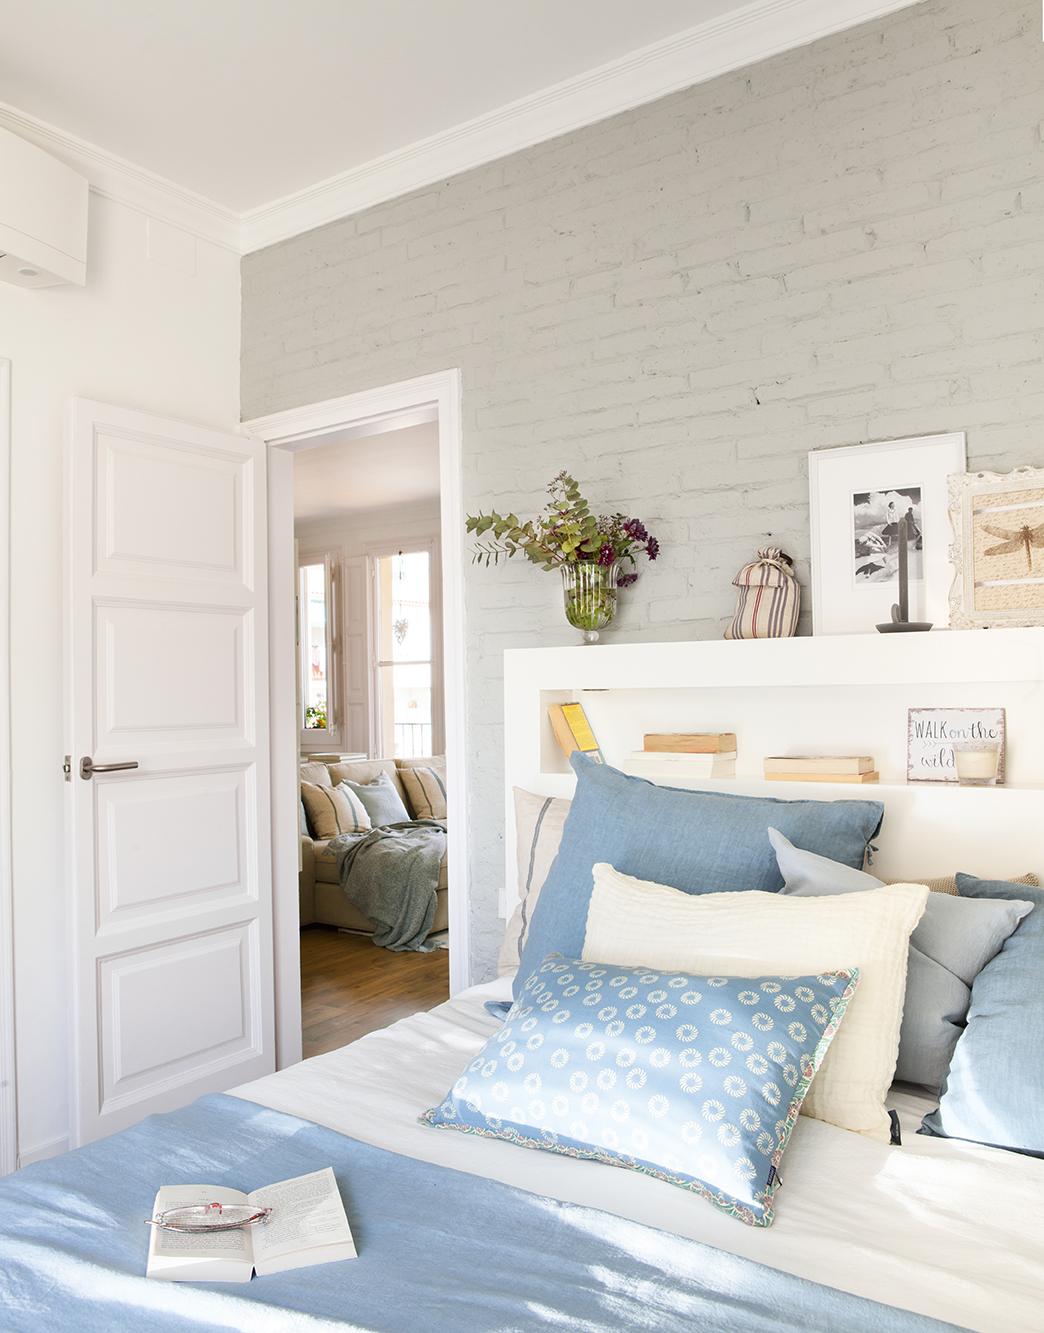 Revestimientos tipos ventajas y desventajas - Como pintar una pared ya pintada ...